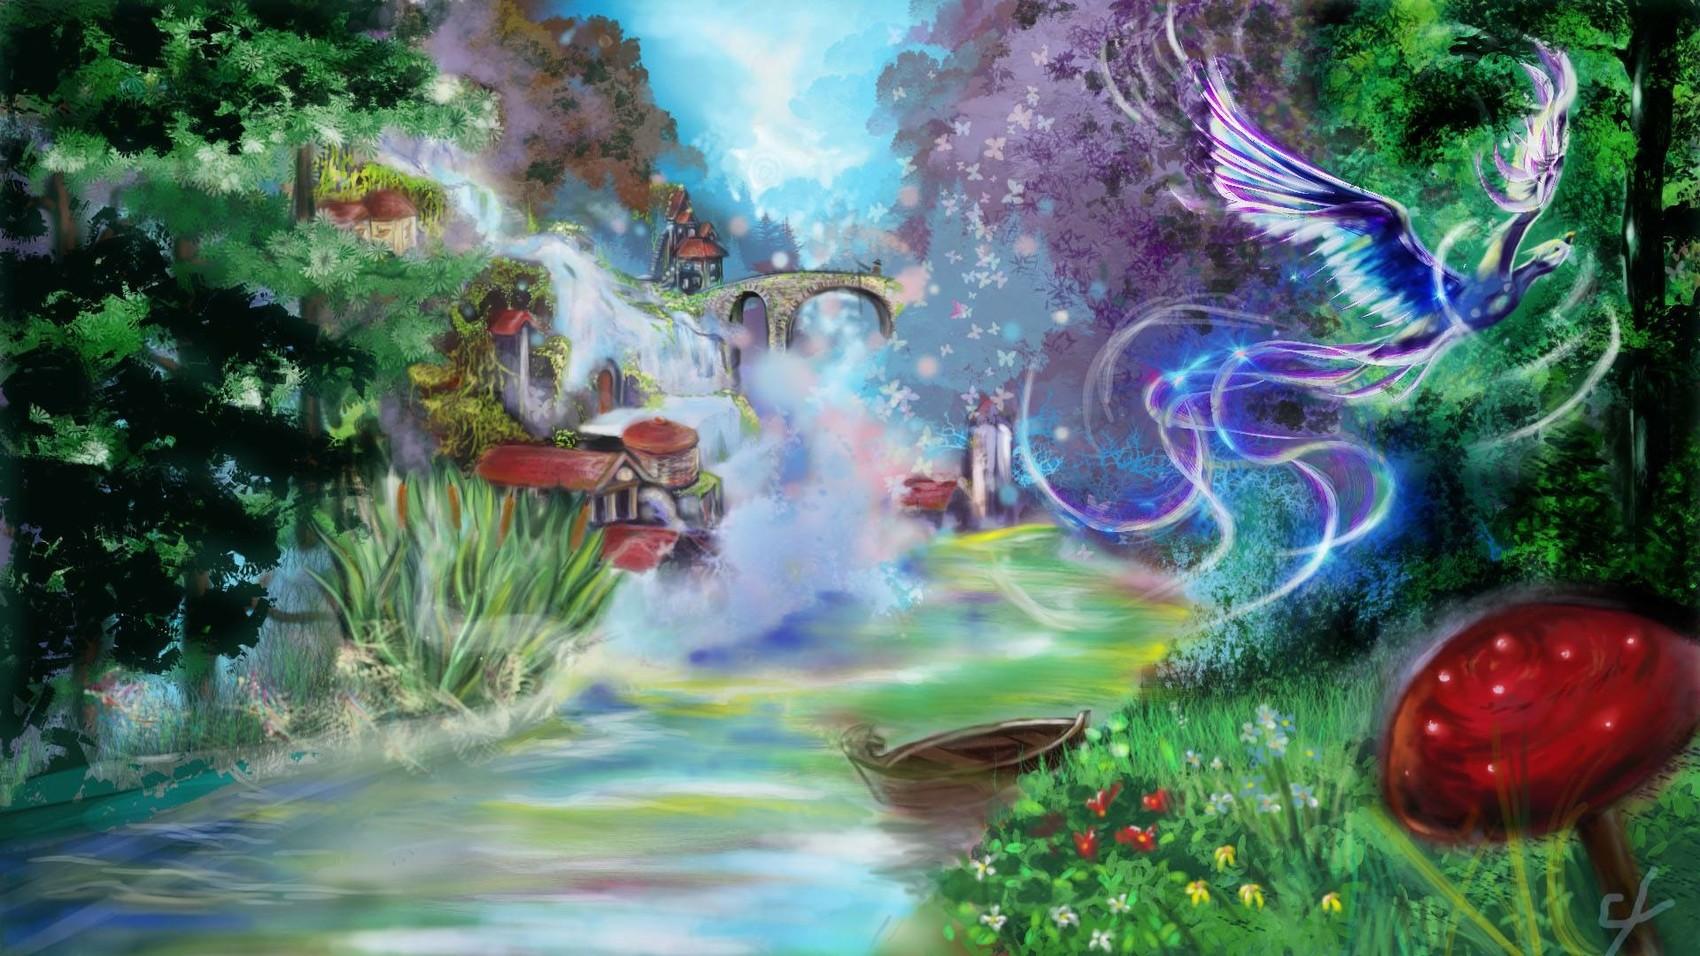 Le monde imaginaire